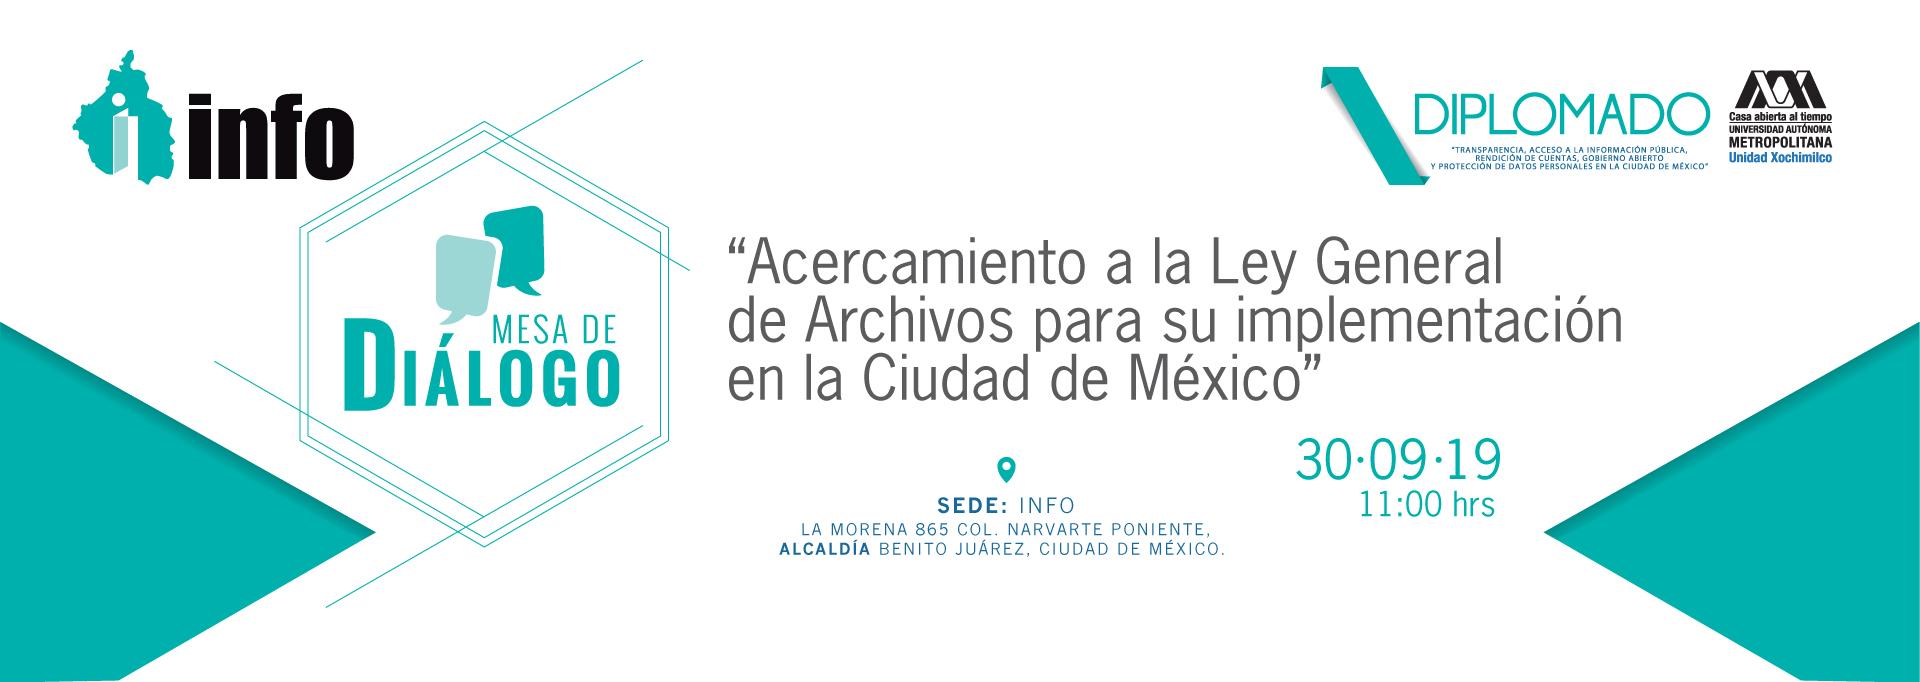 Acercamiento a la Ley General de Archivos para su implementación en la CDMX